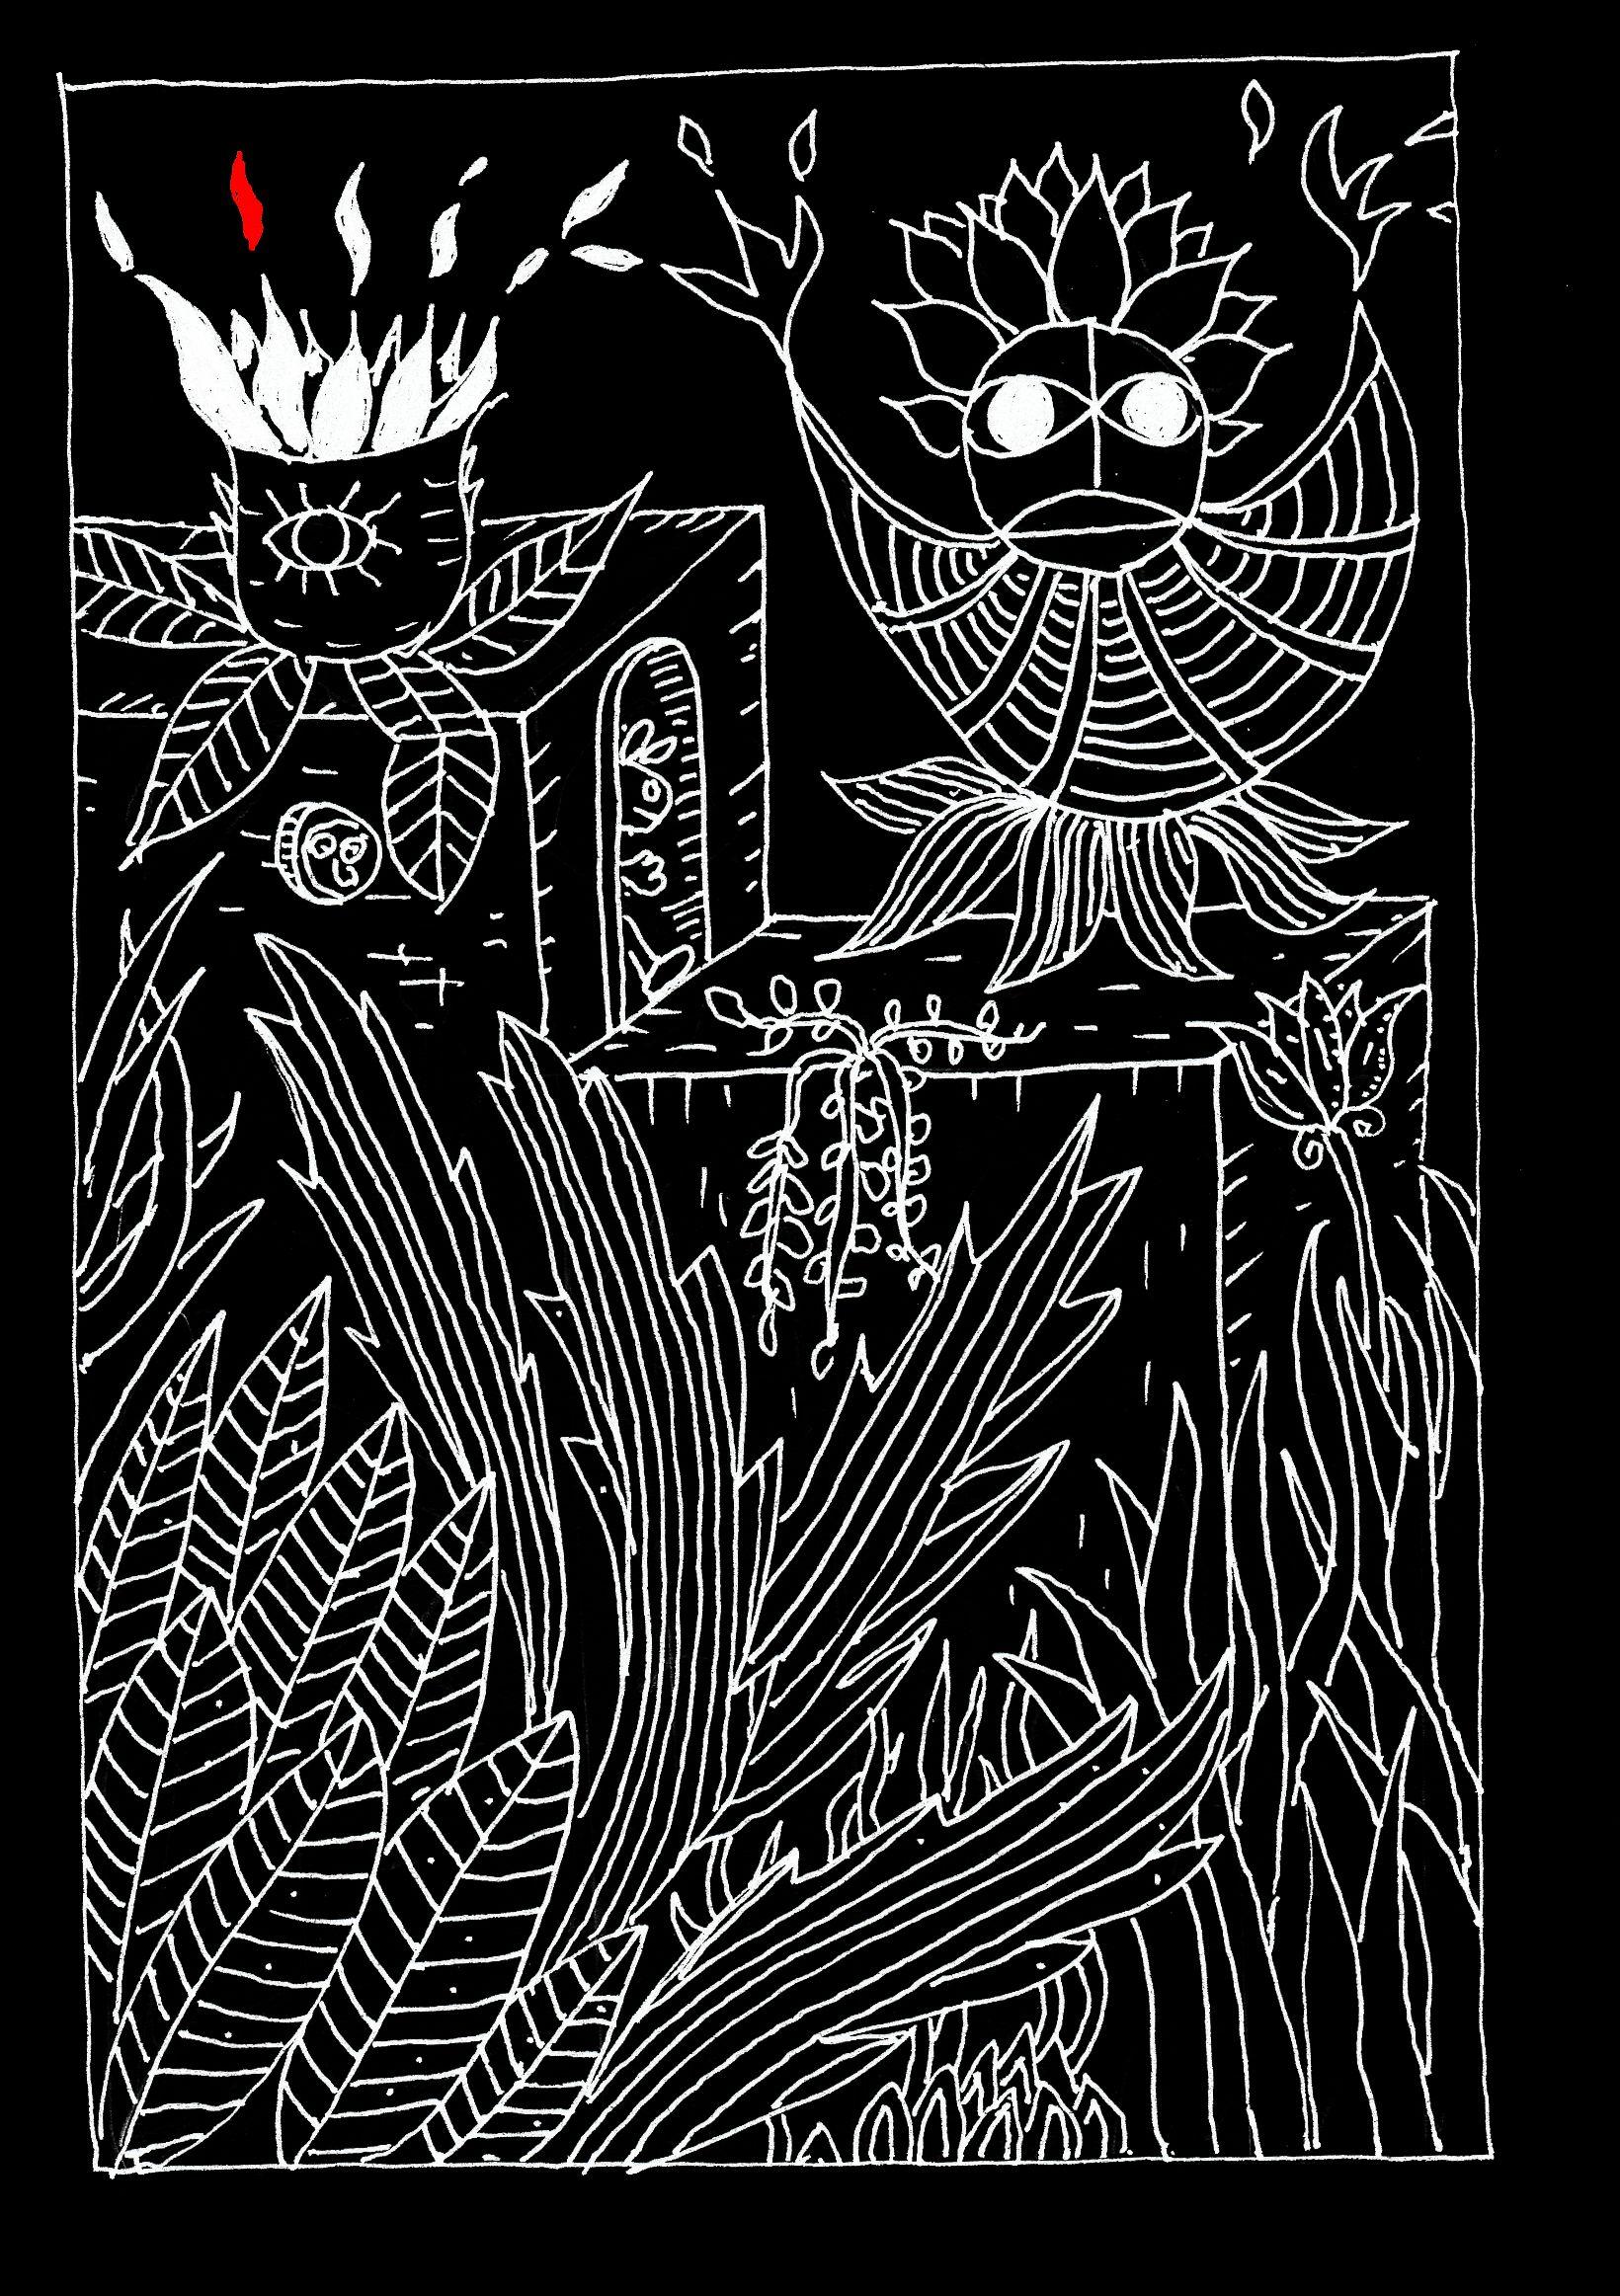 X Sch 27 Ninip der Lichtgott